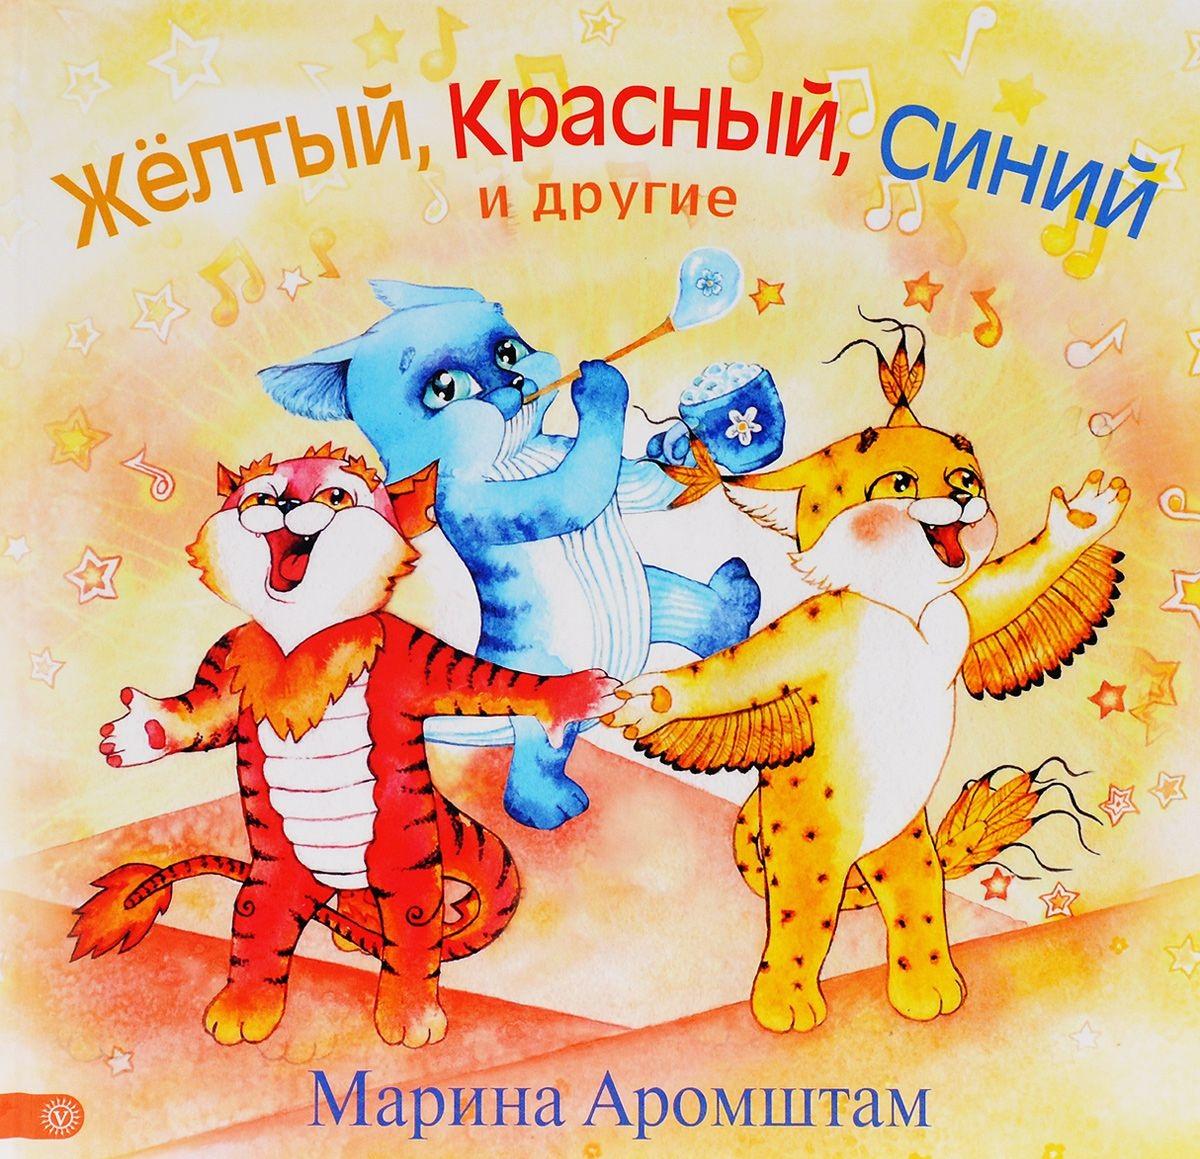 Купить Желтый, красный, синий и другие, Марина Аромштам, 978-5-9684-2589-8